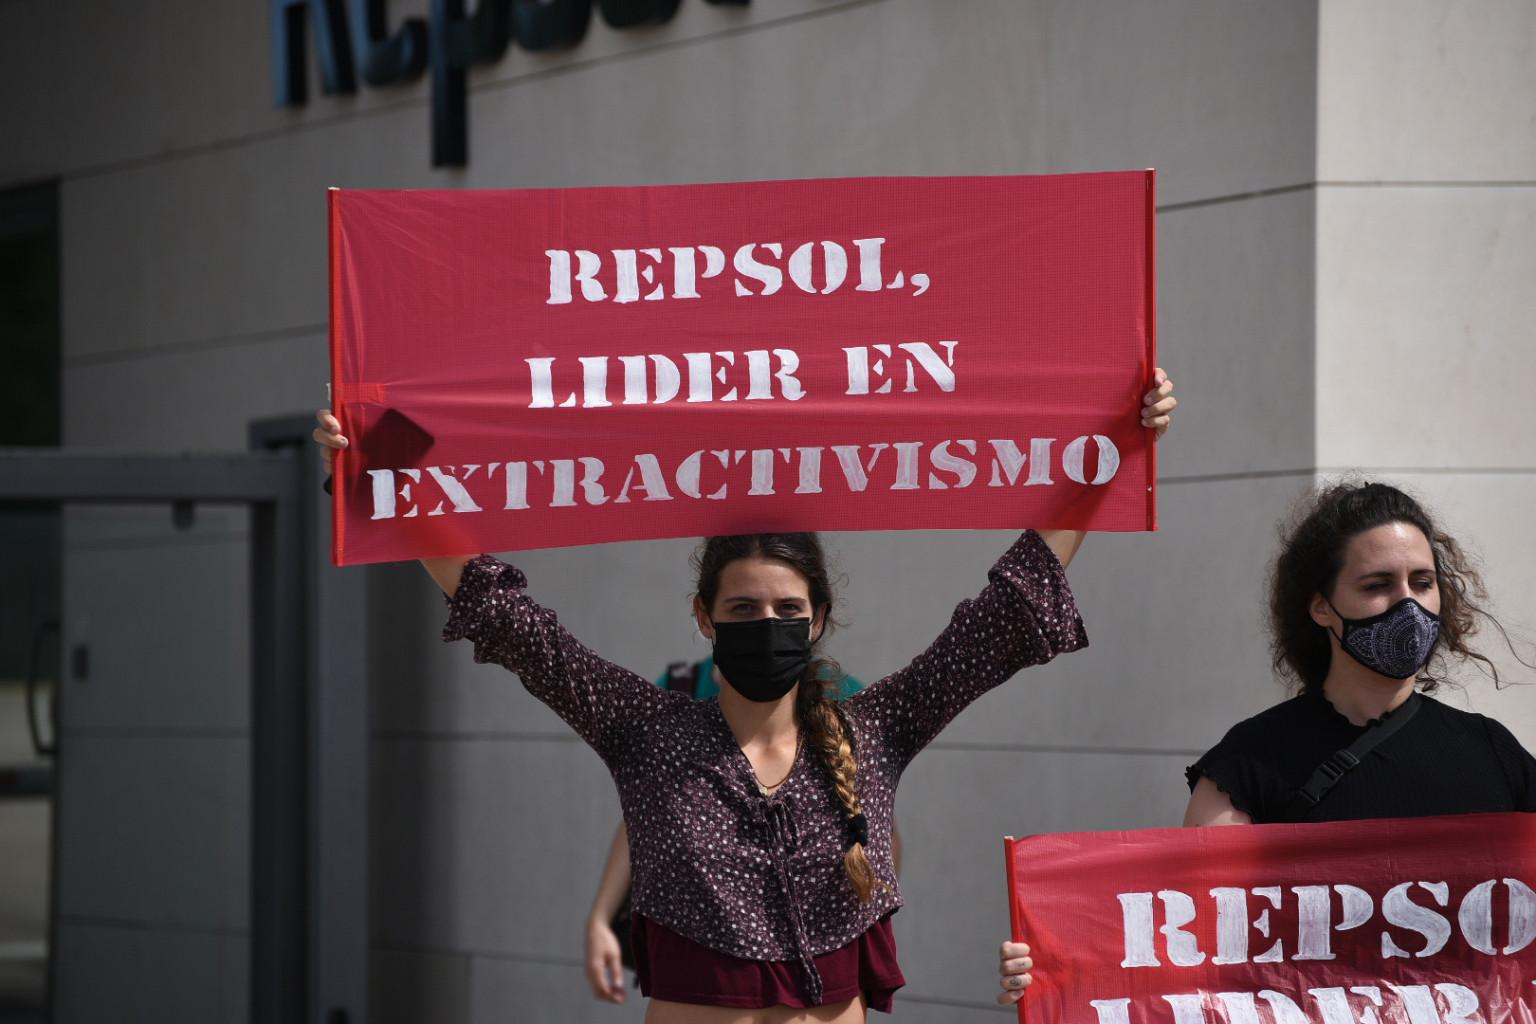 Ir a Más de 100 activistas de Rebelión por el Clima bloquean la entrada del centro de investigación de Repsol en Móstoles y piden el cese de sus actividades fósiles